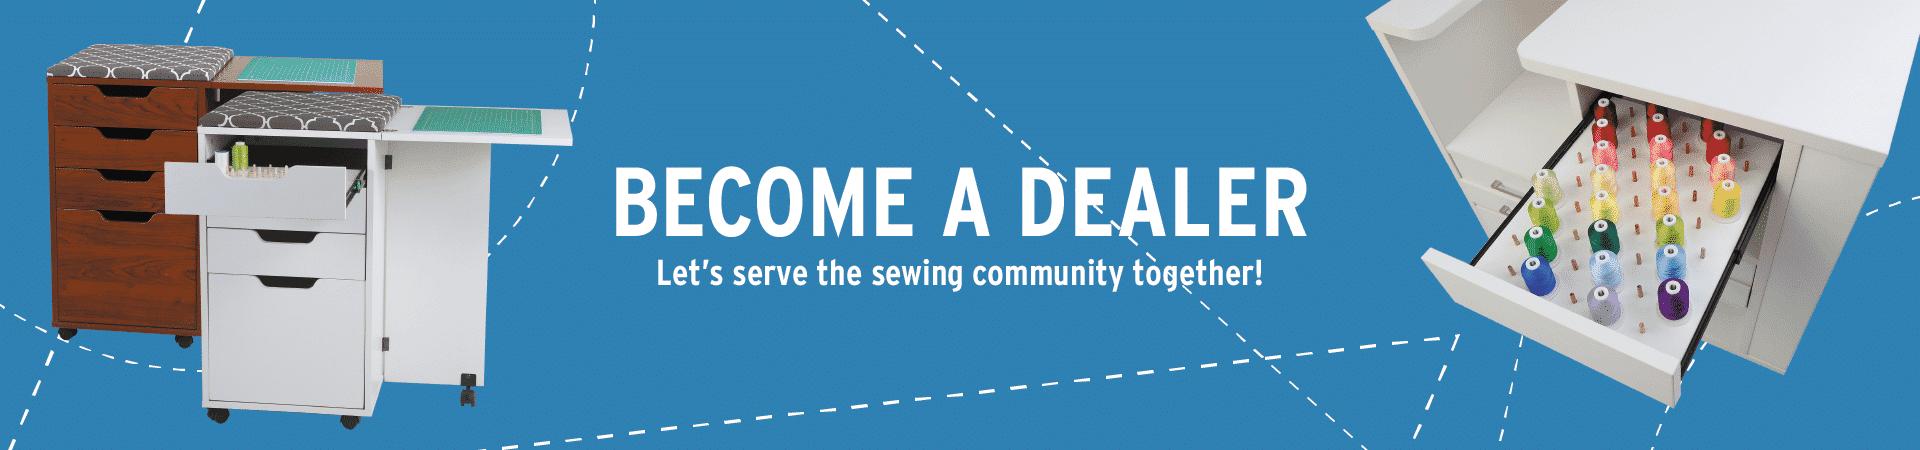 Become an Arrow Sewing dealer